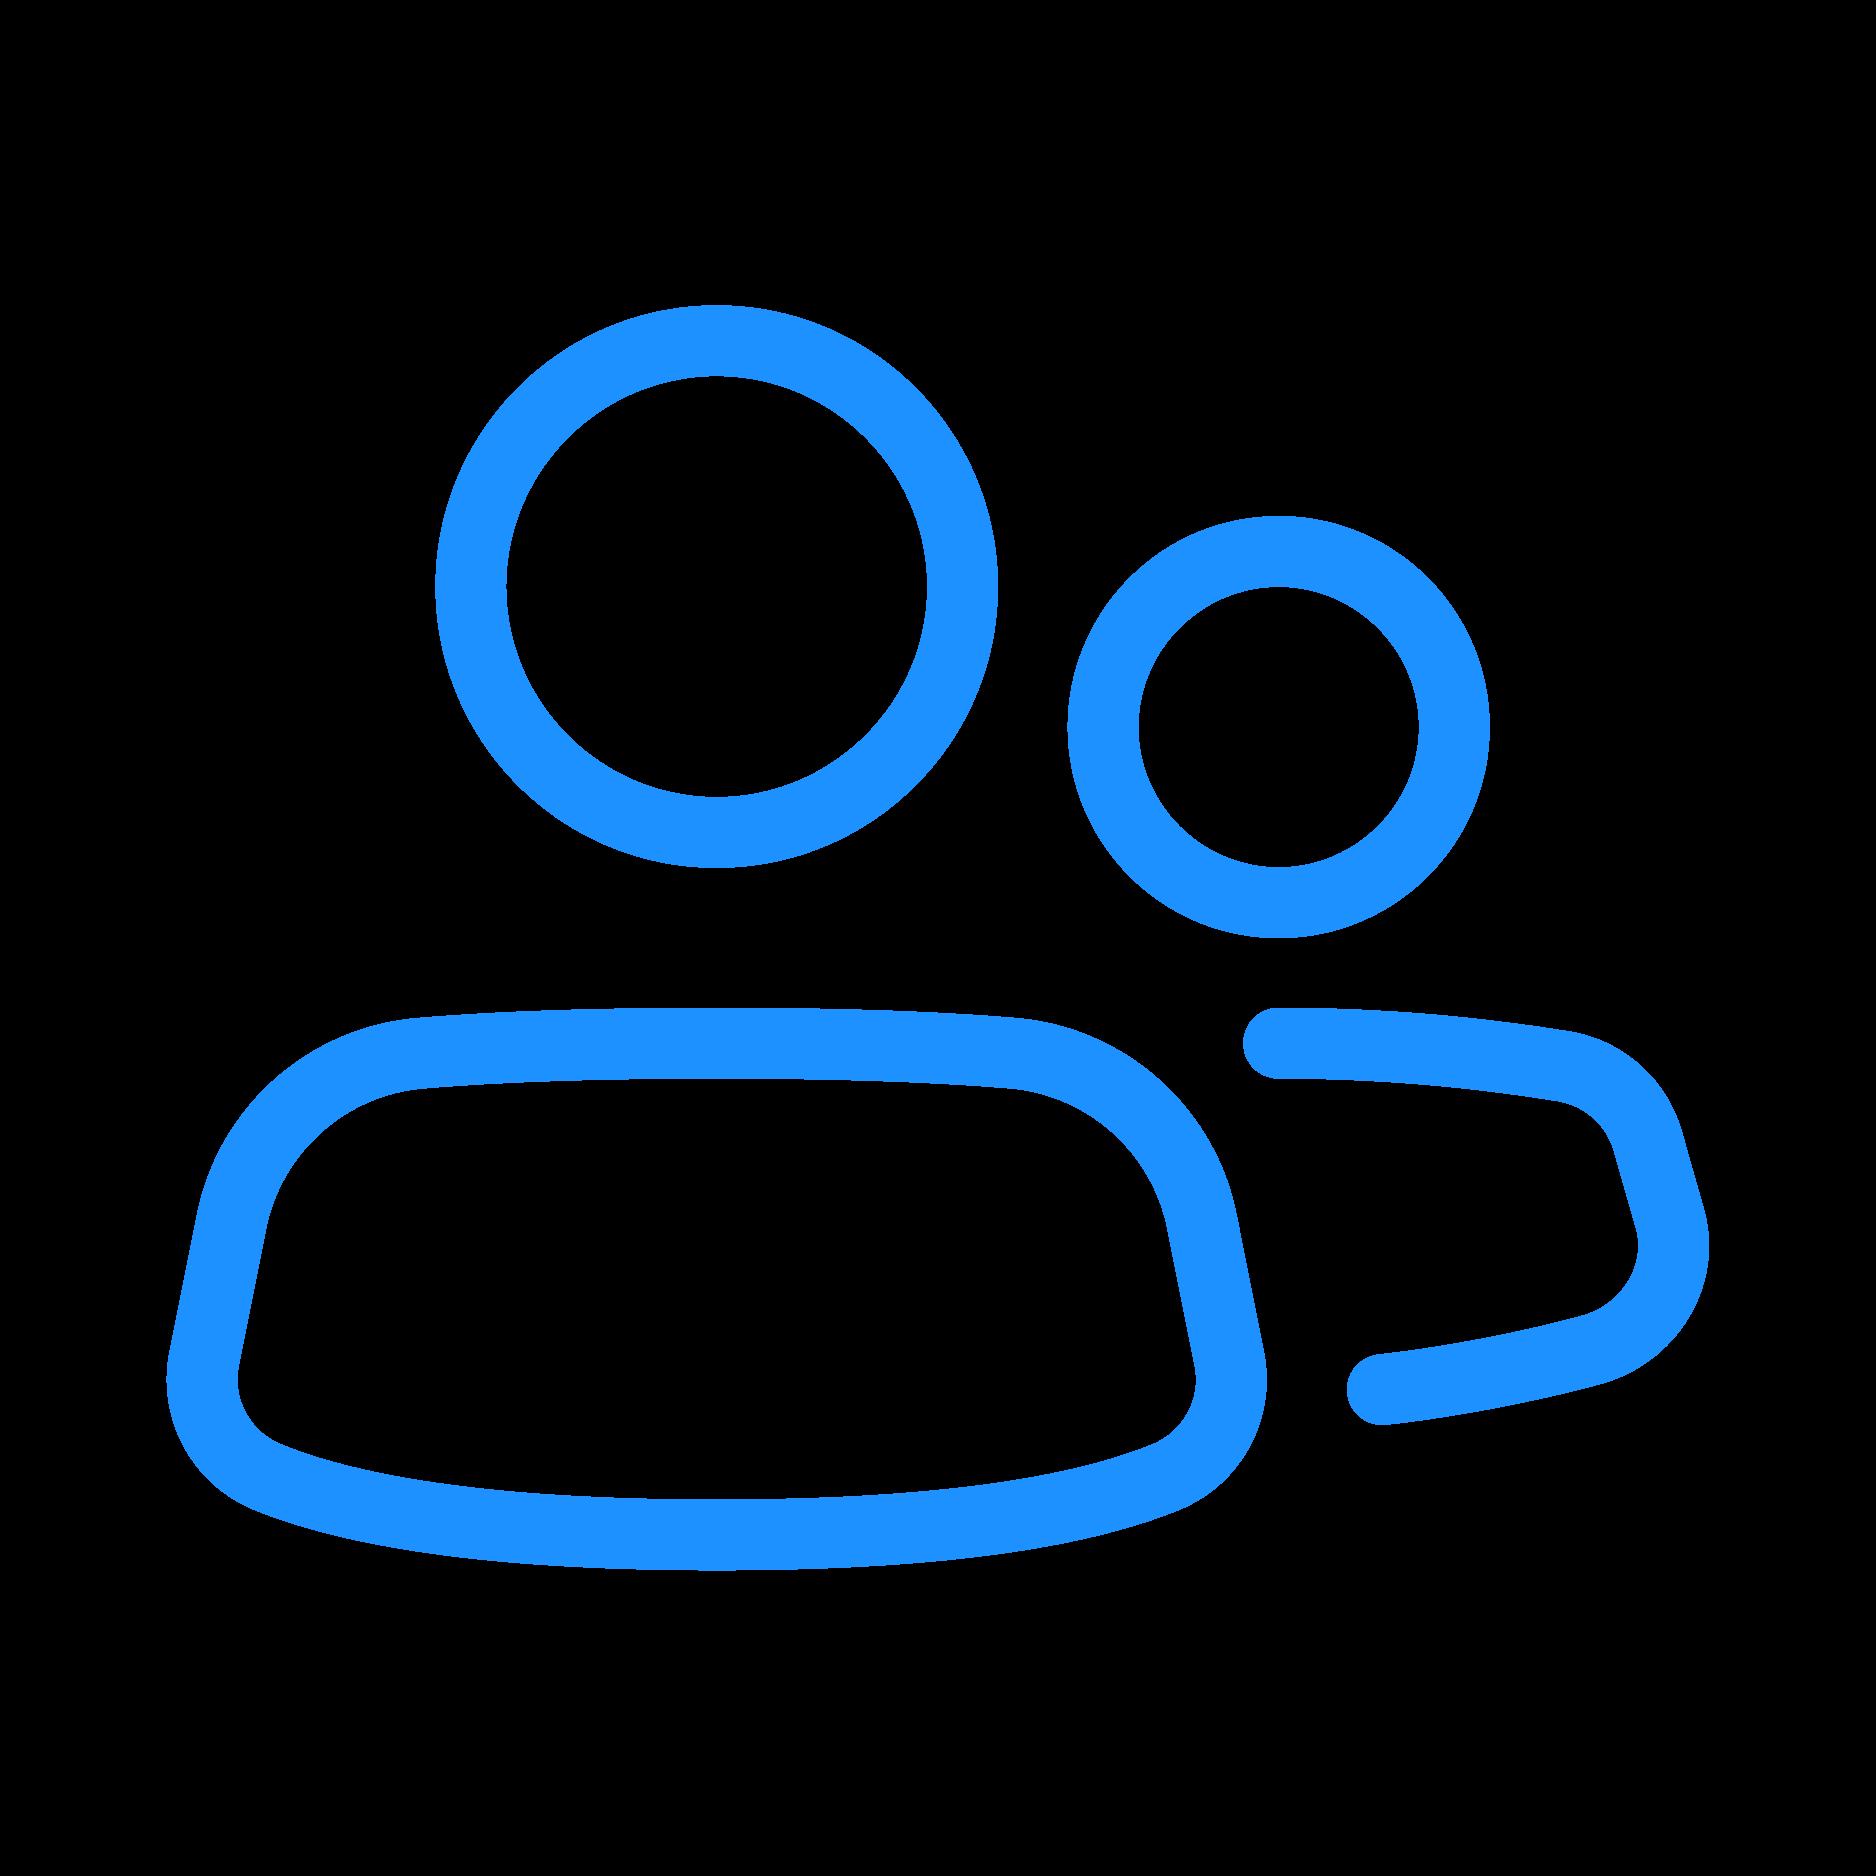 Blaue Personen